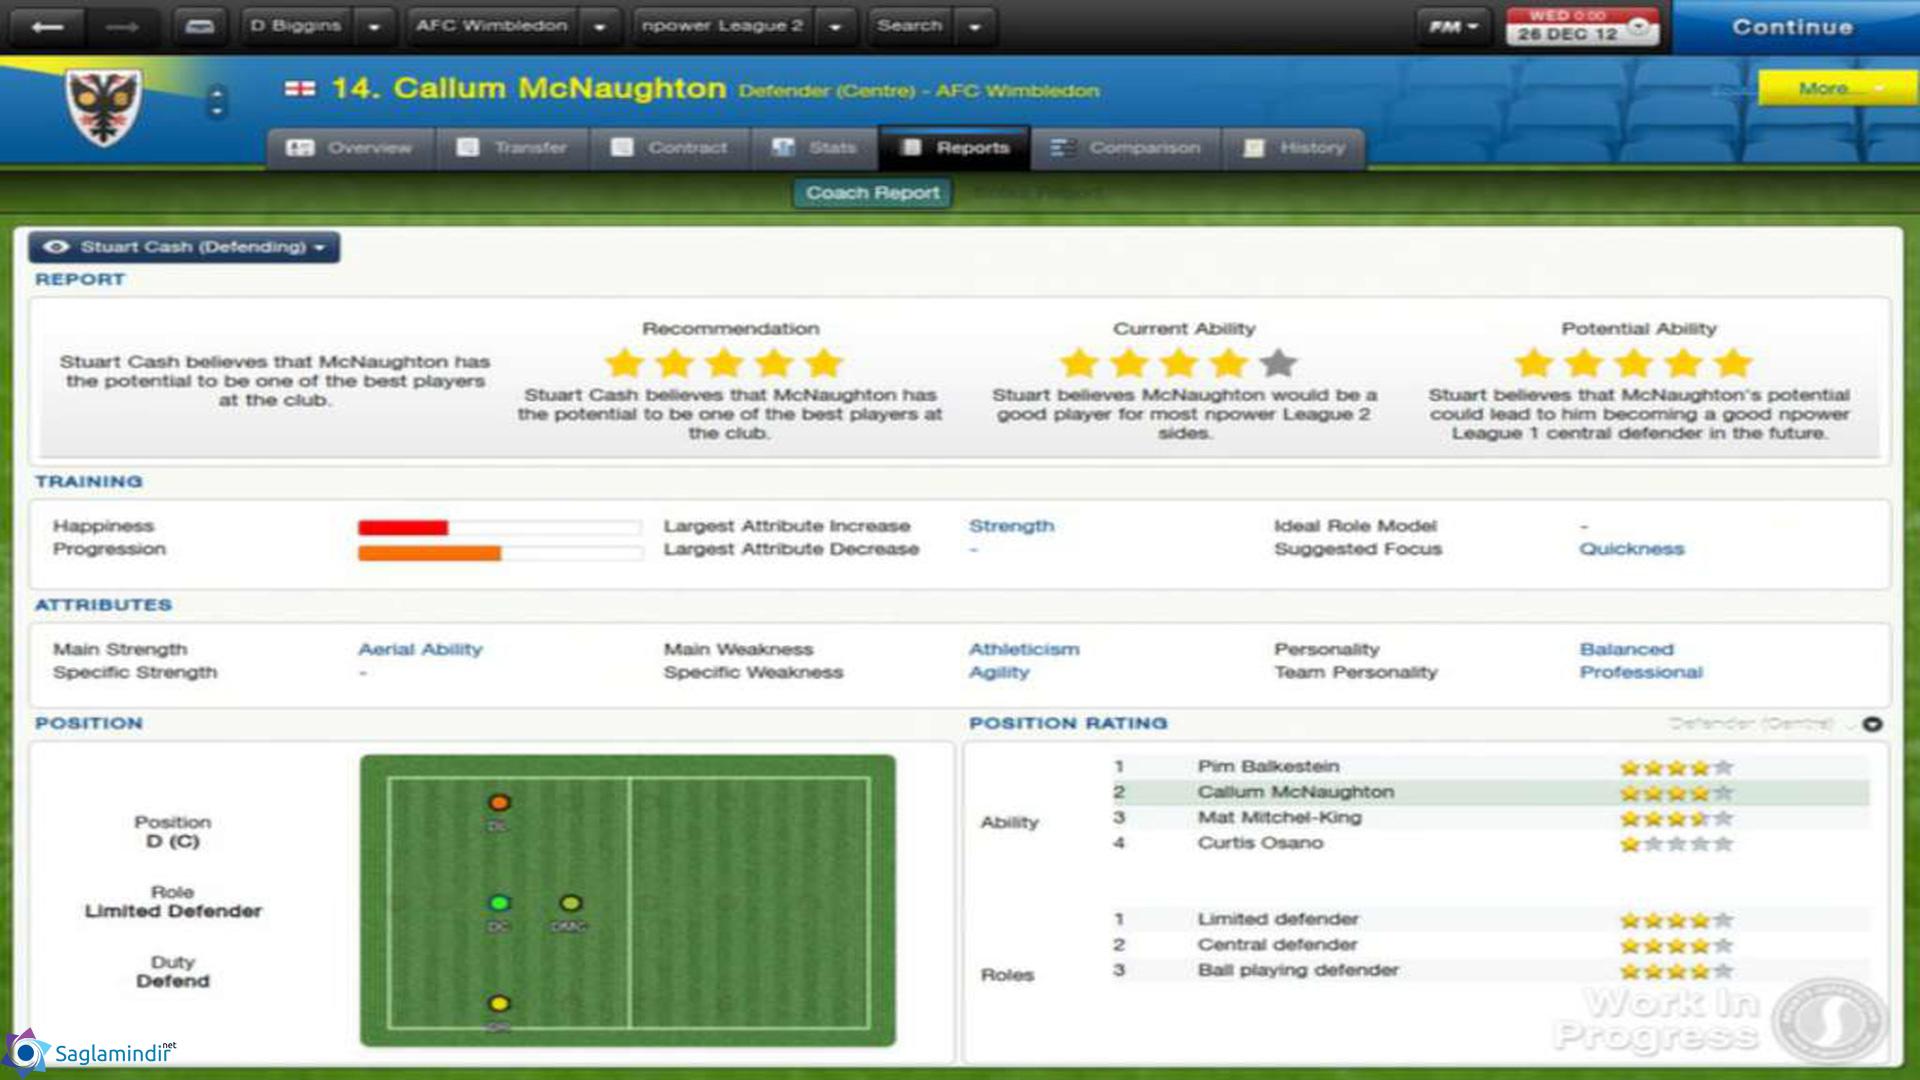 Football Manager 2013 saglamindir